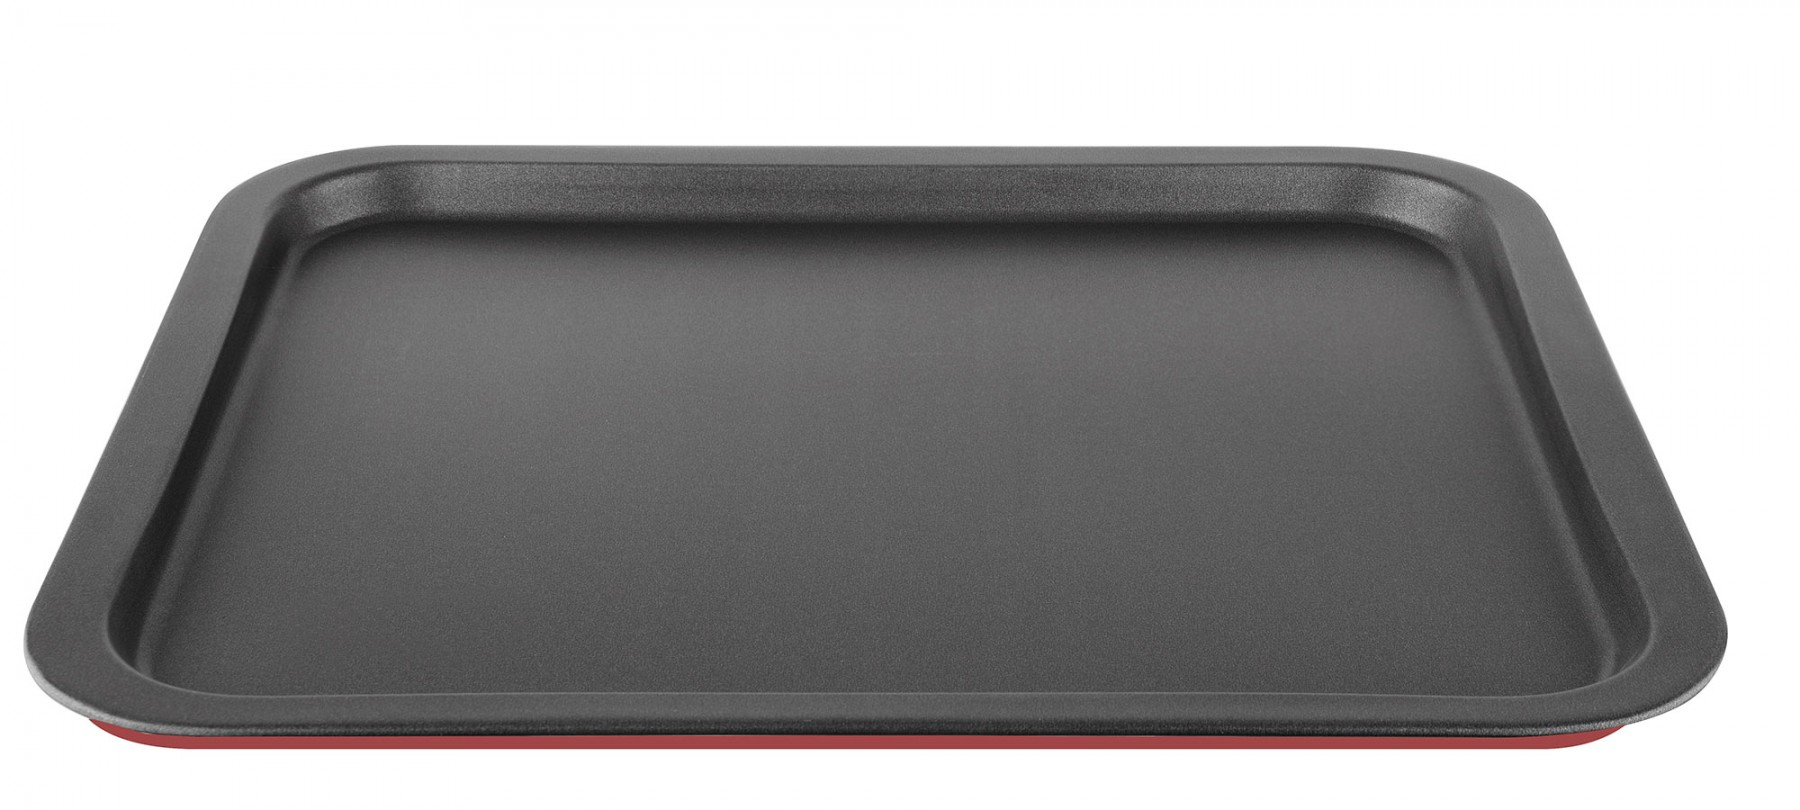 Ταψί Ζαχαροπλαστικής Αντικολλητικό 43x37 Ορθογώνιο PAL 40000881 Κόκκινο